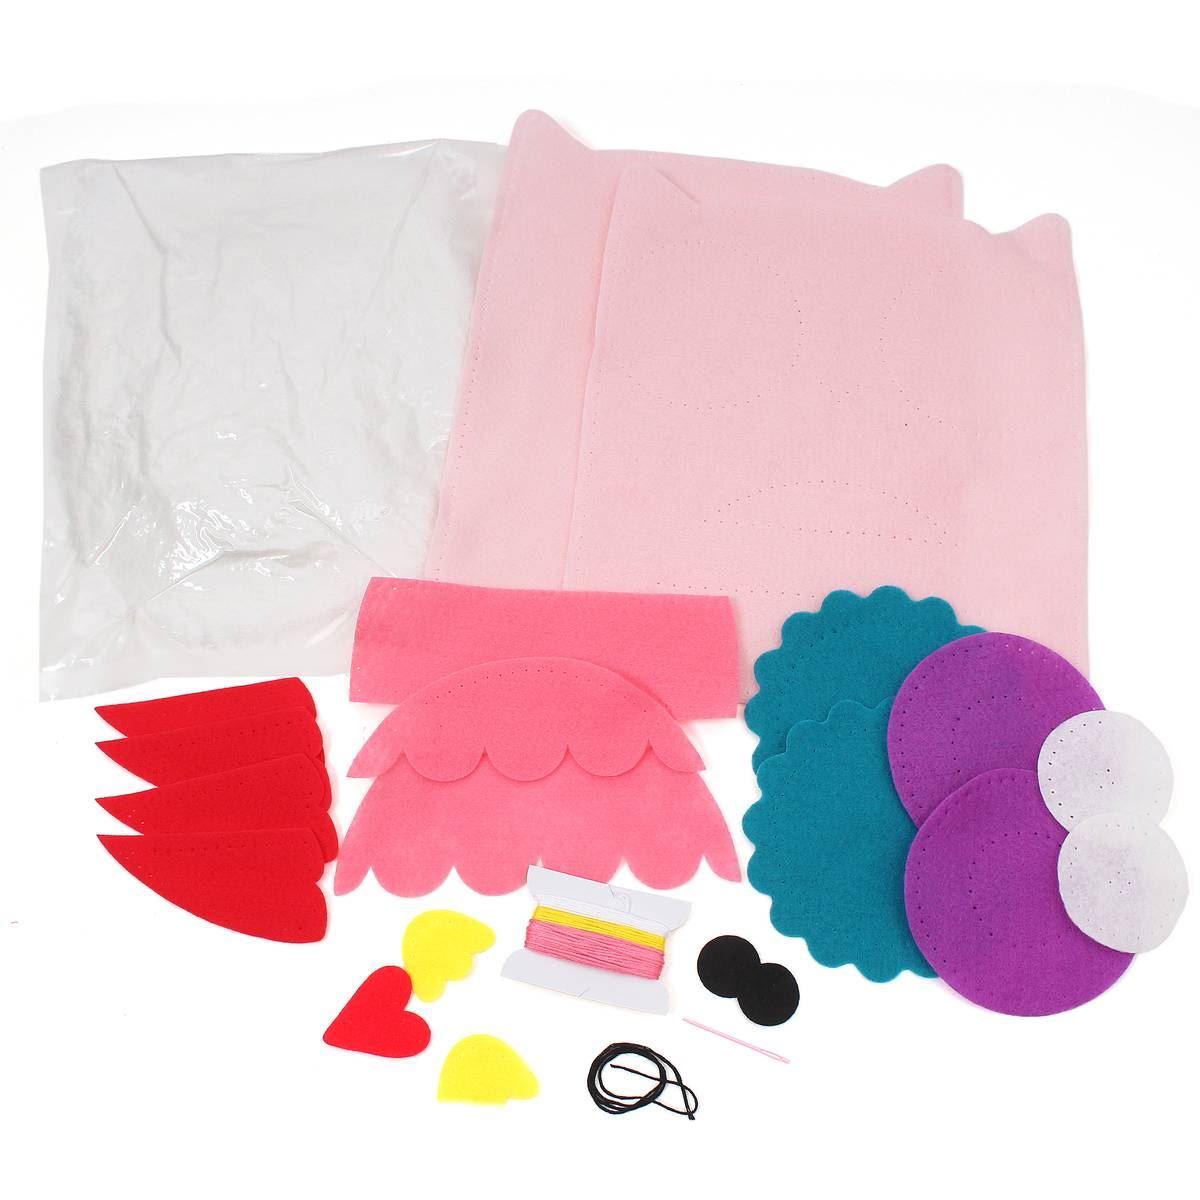 HobbyCraft Make Your Own Felt Owl Pillow Kit Craft